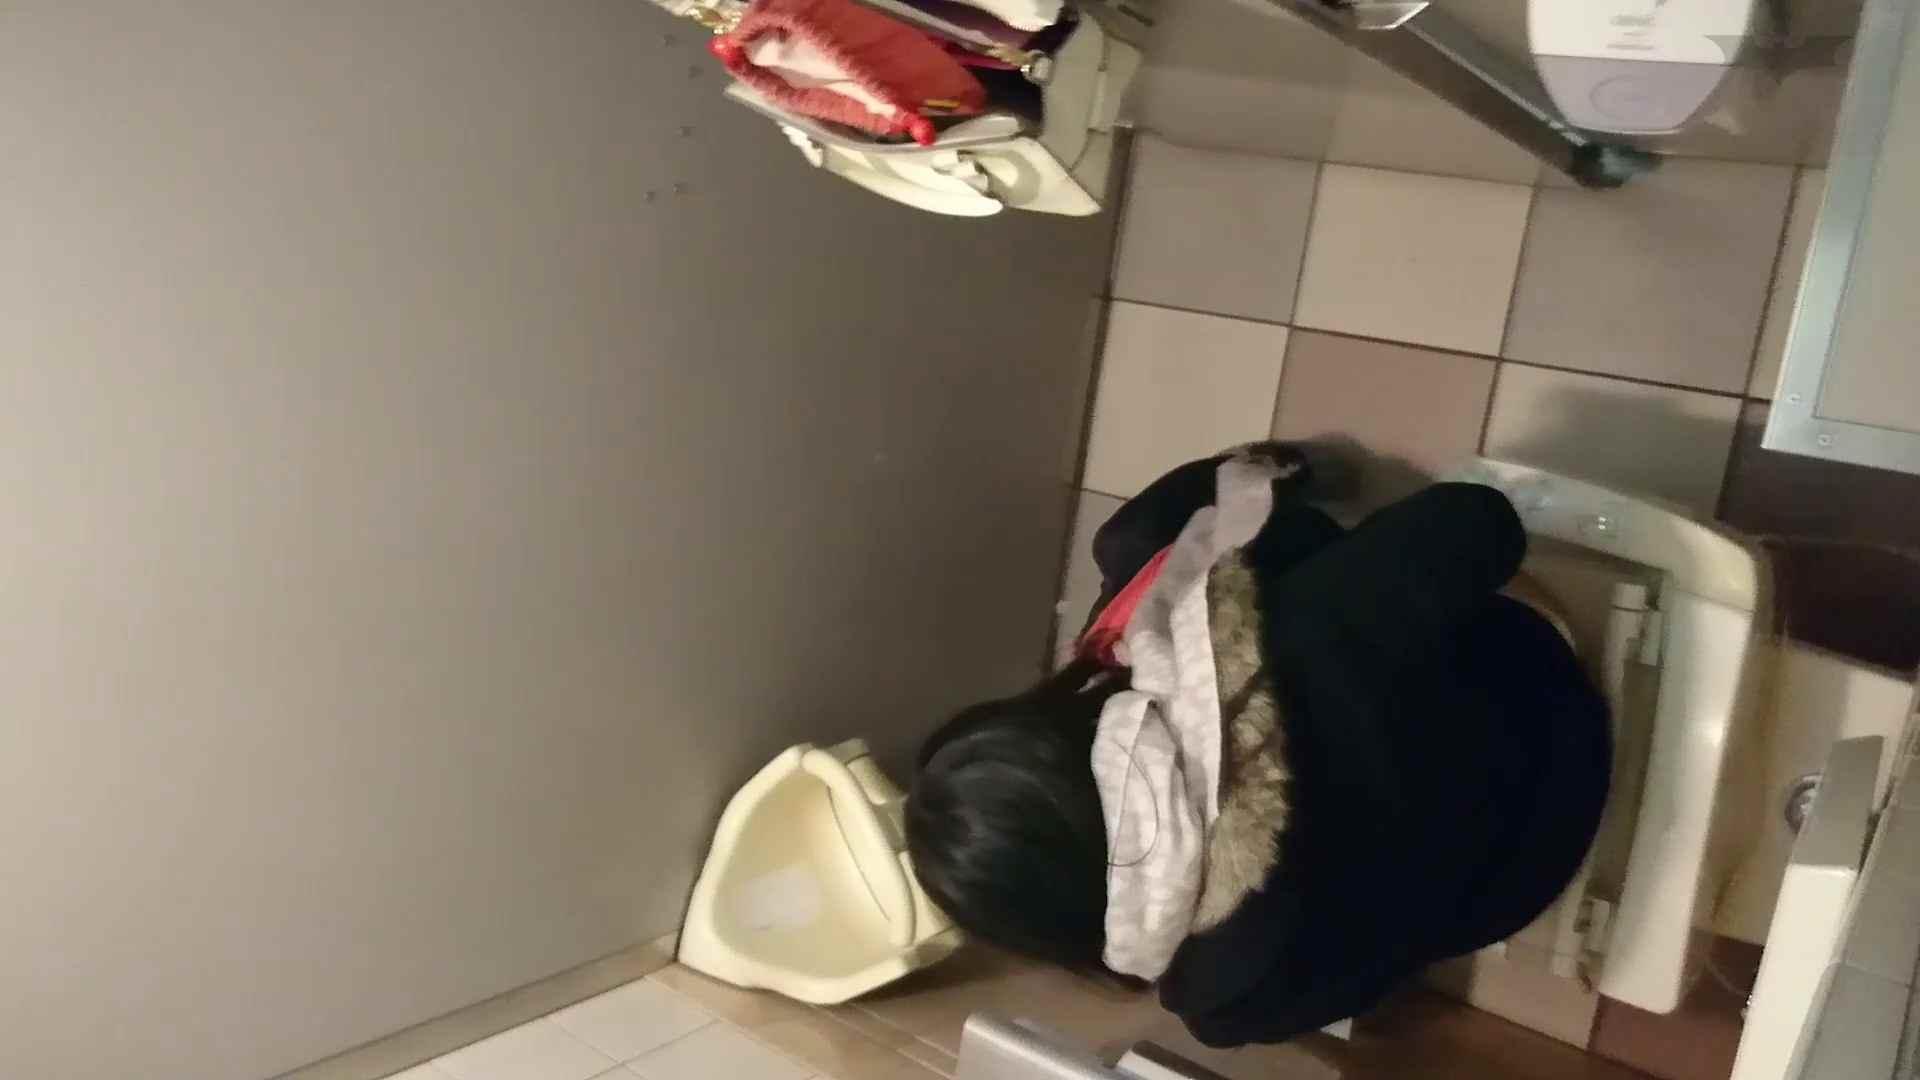 化粧室絵巻 ショッピングモール編 VOL.05 OL女体   0  73連発 21